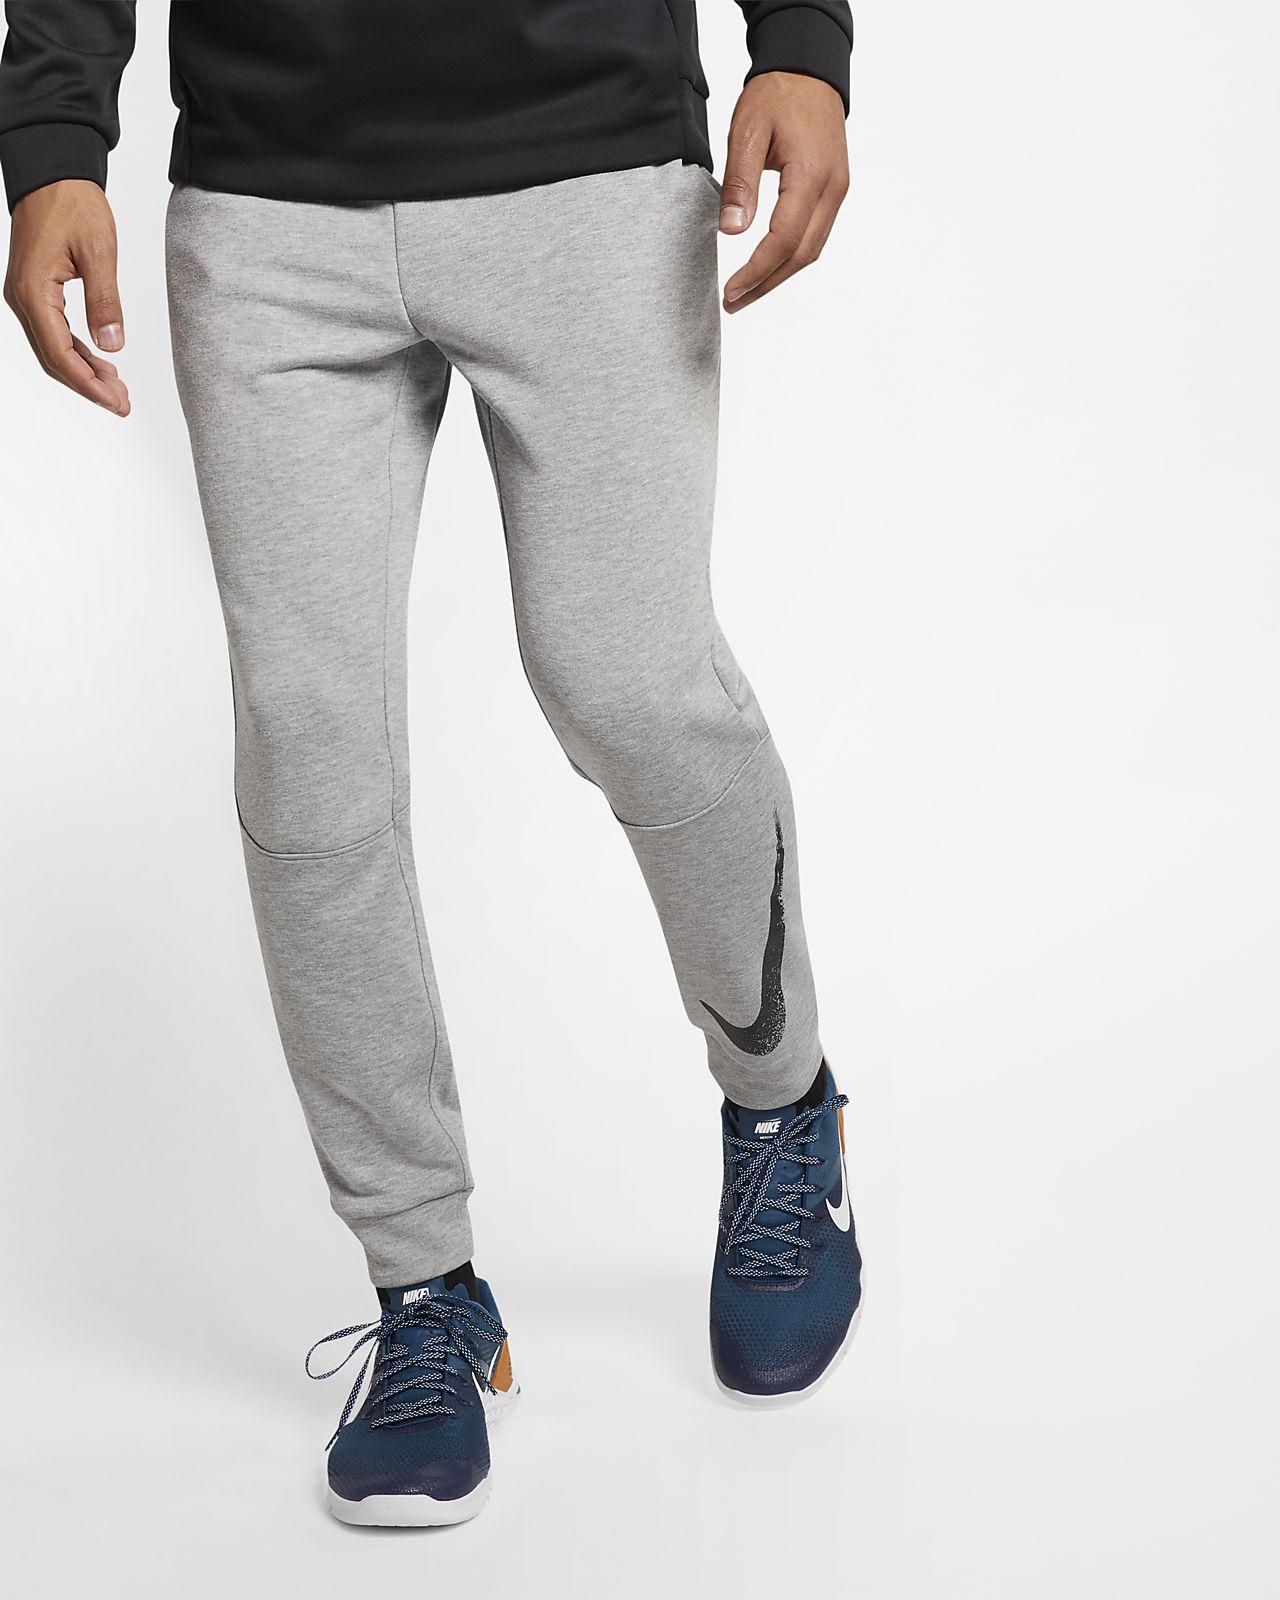 Ανδρικό παντελόνι προπόνησης από φλις Nike Dri-FIT